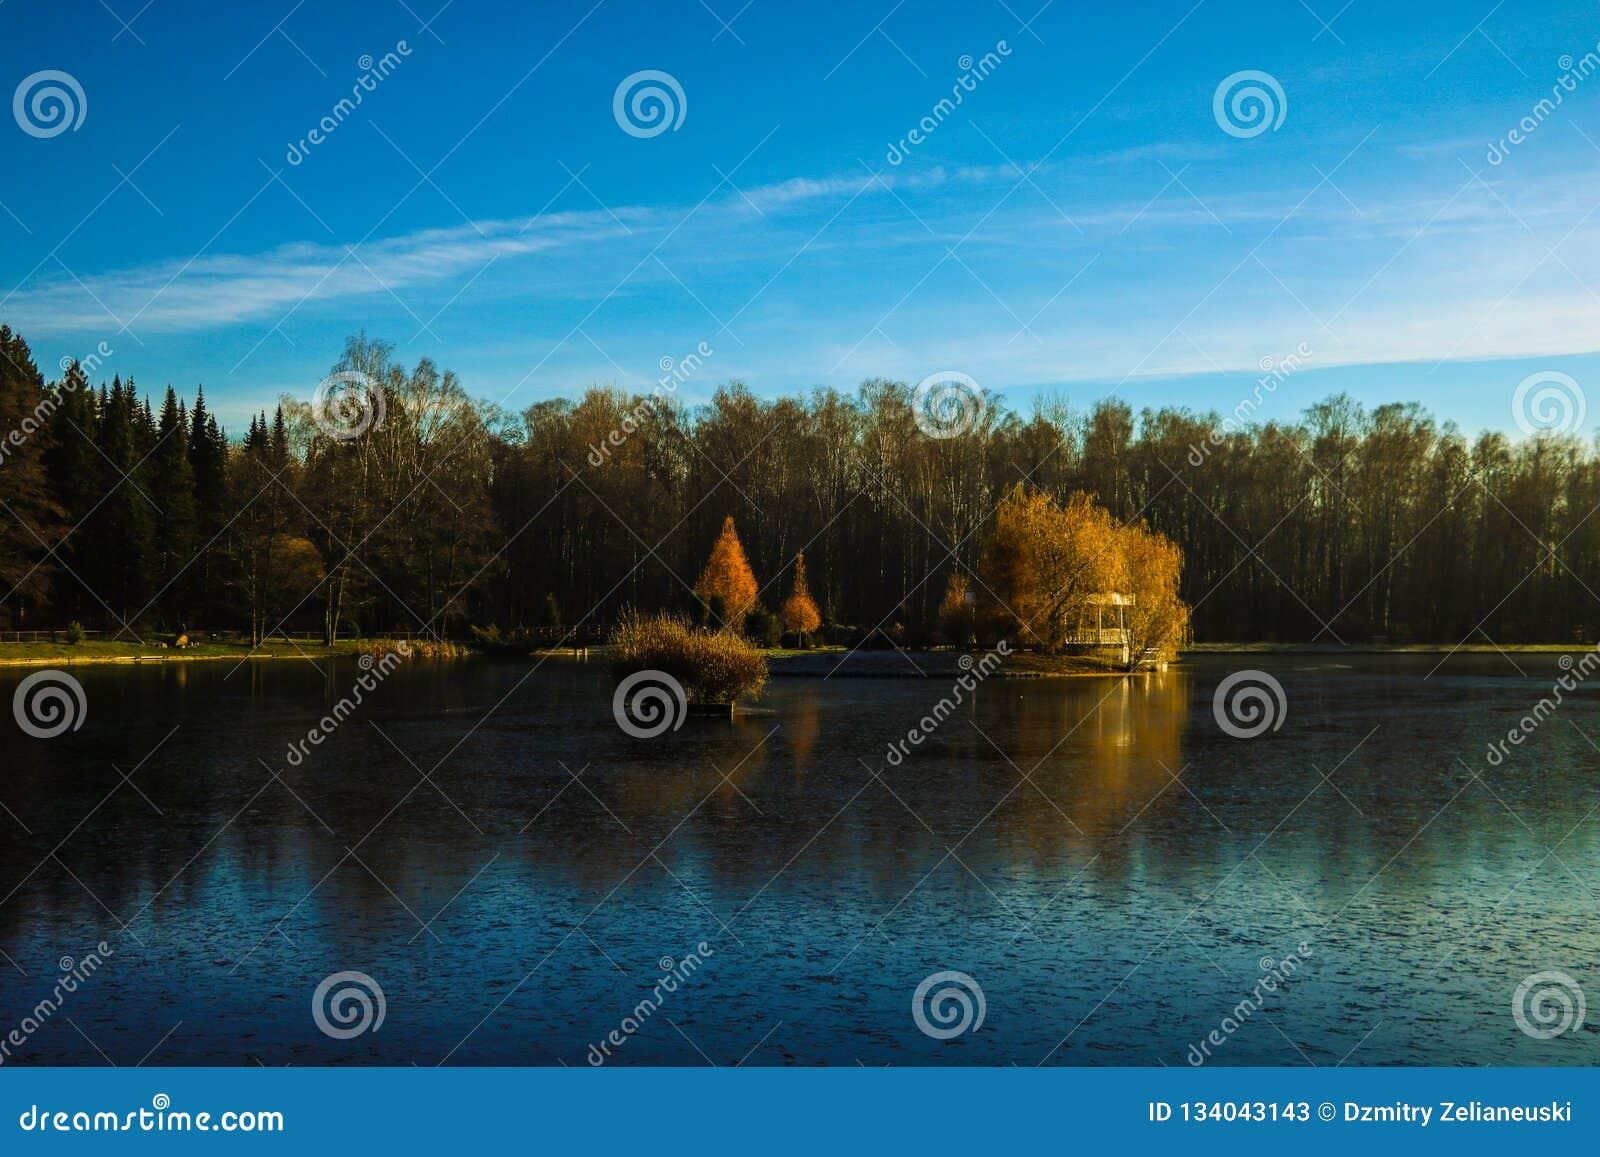 Bella vista del lago e della foresta, riflessa nell acqua, contro il cielo blu